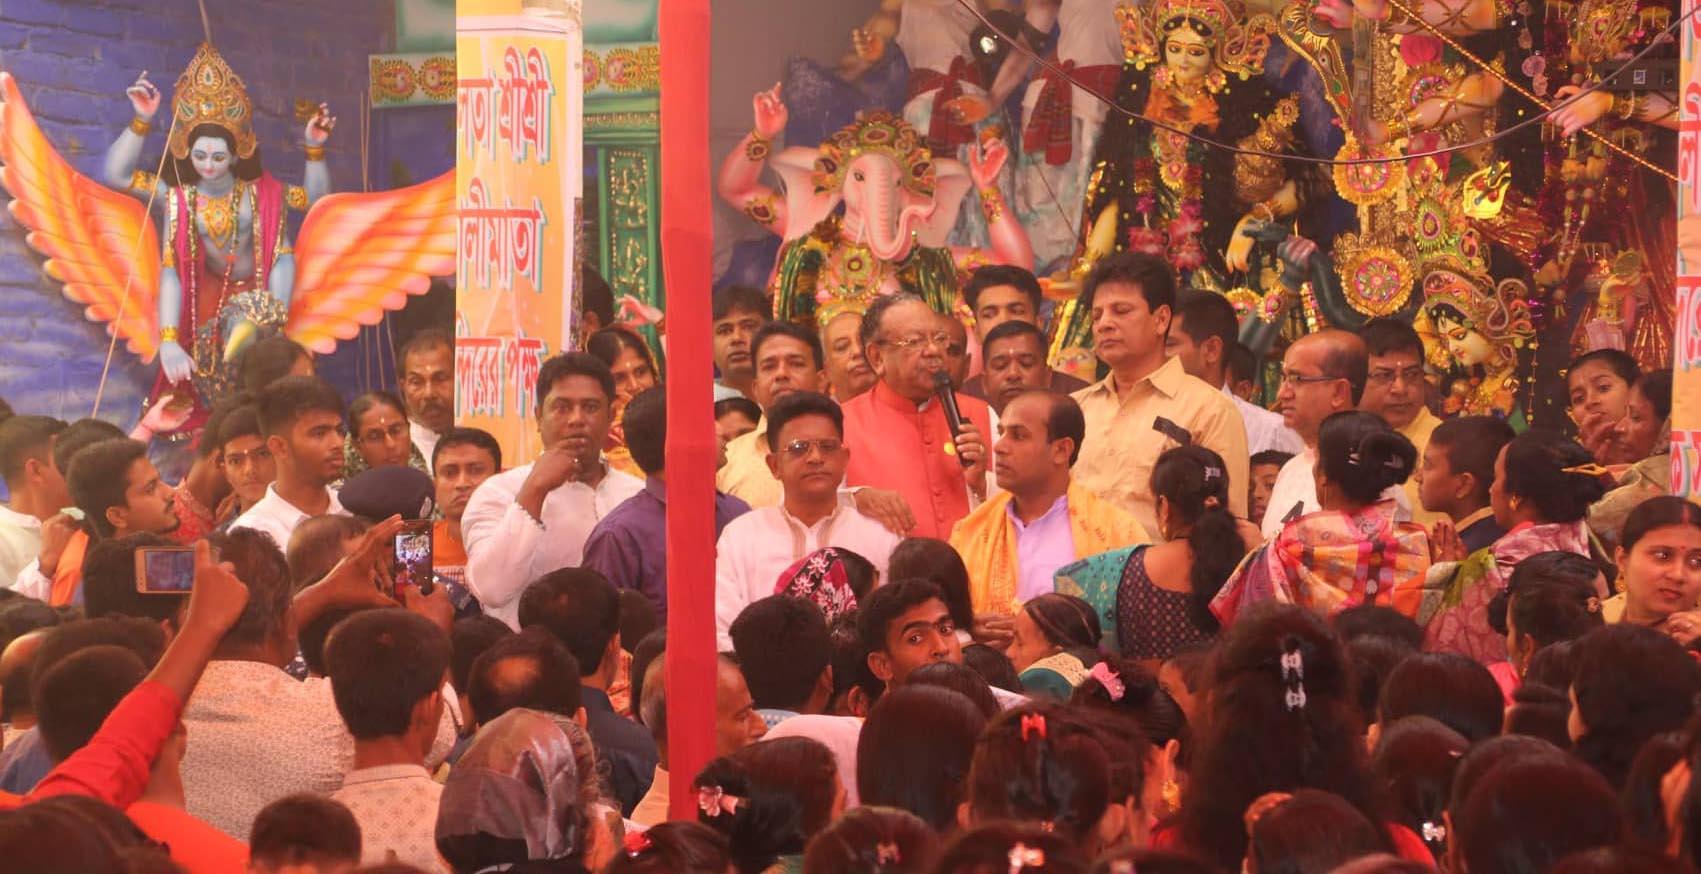 নলতা ও গাজীরহাট পূজা মন্দির পরিদর্শন করলেন ডা. রুহুল হক এমপি